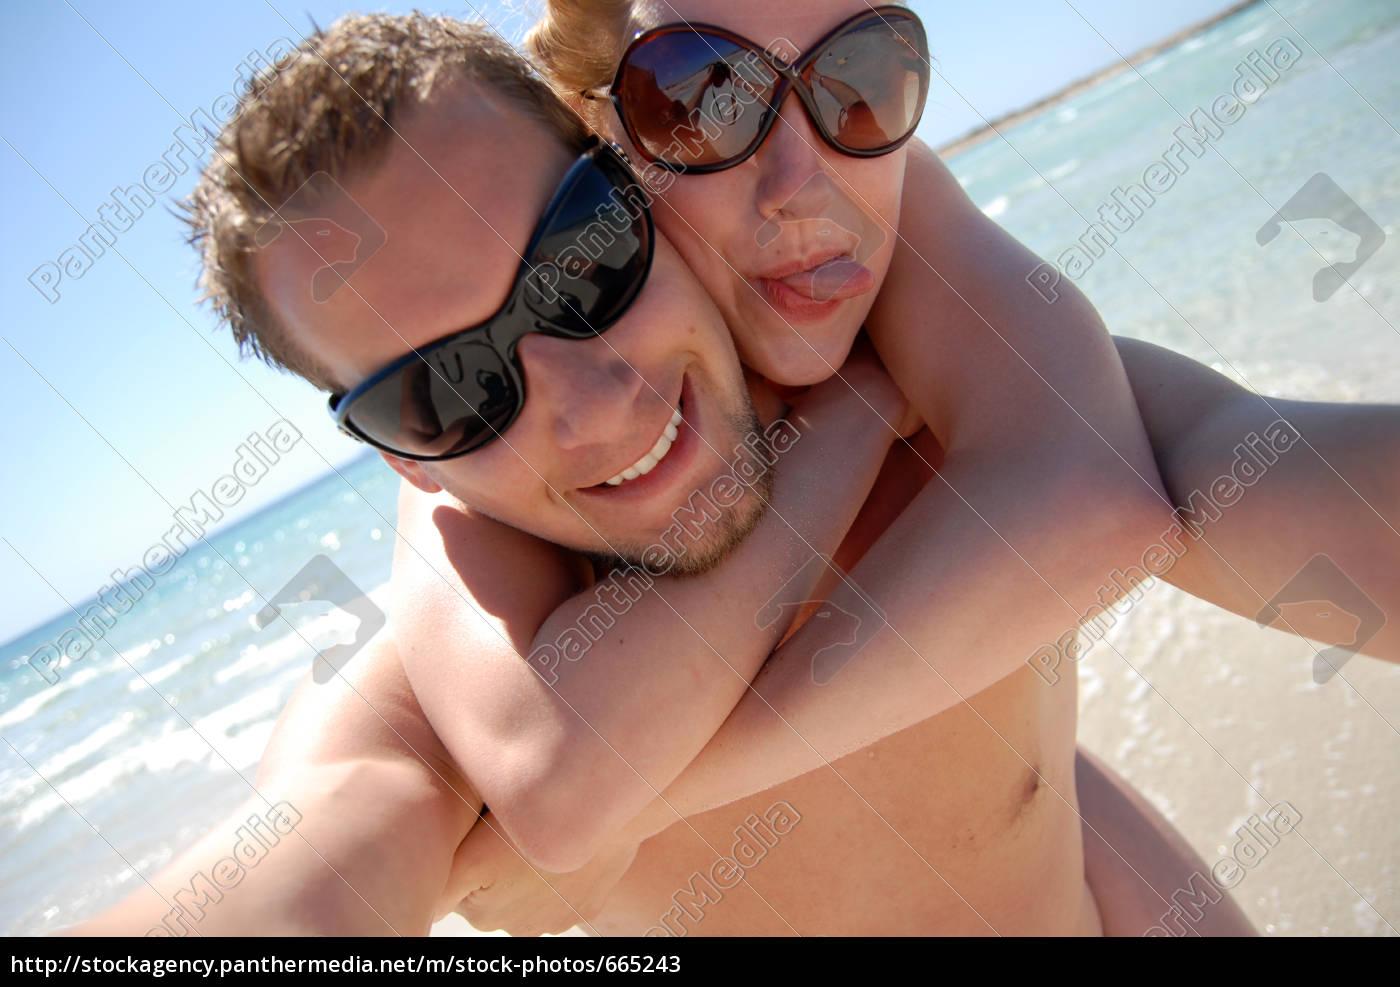 couple, on, the, beach - 665243